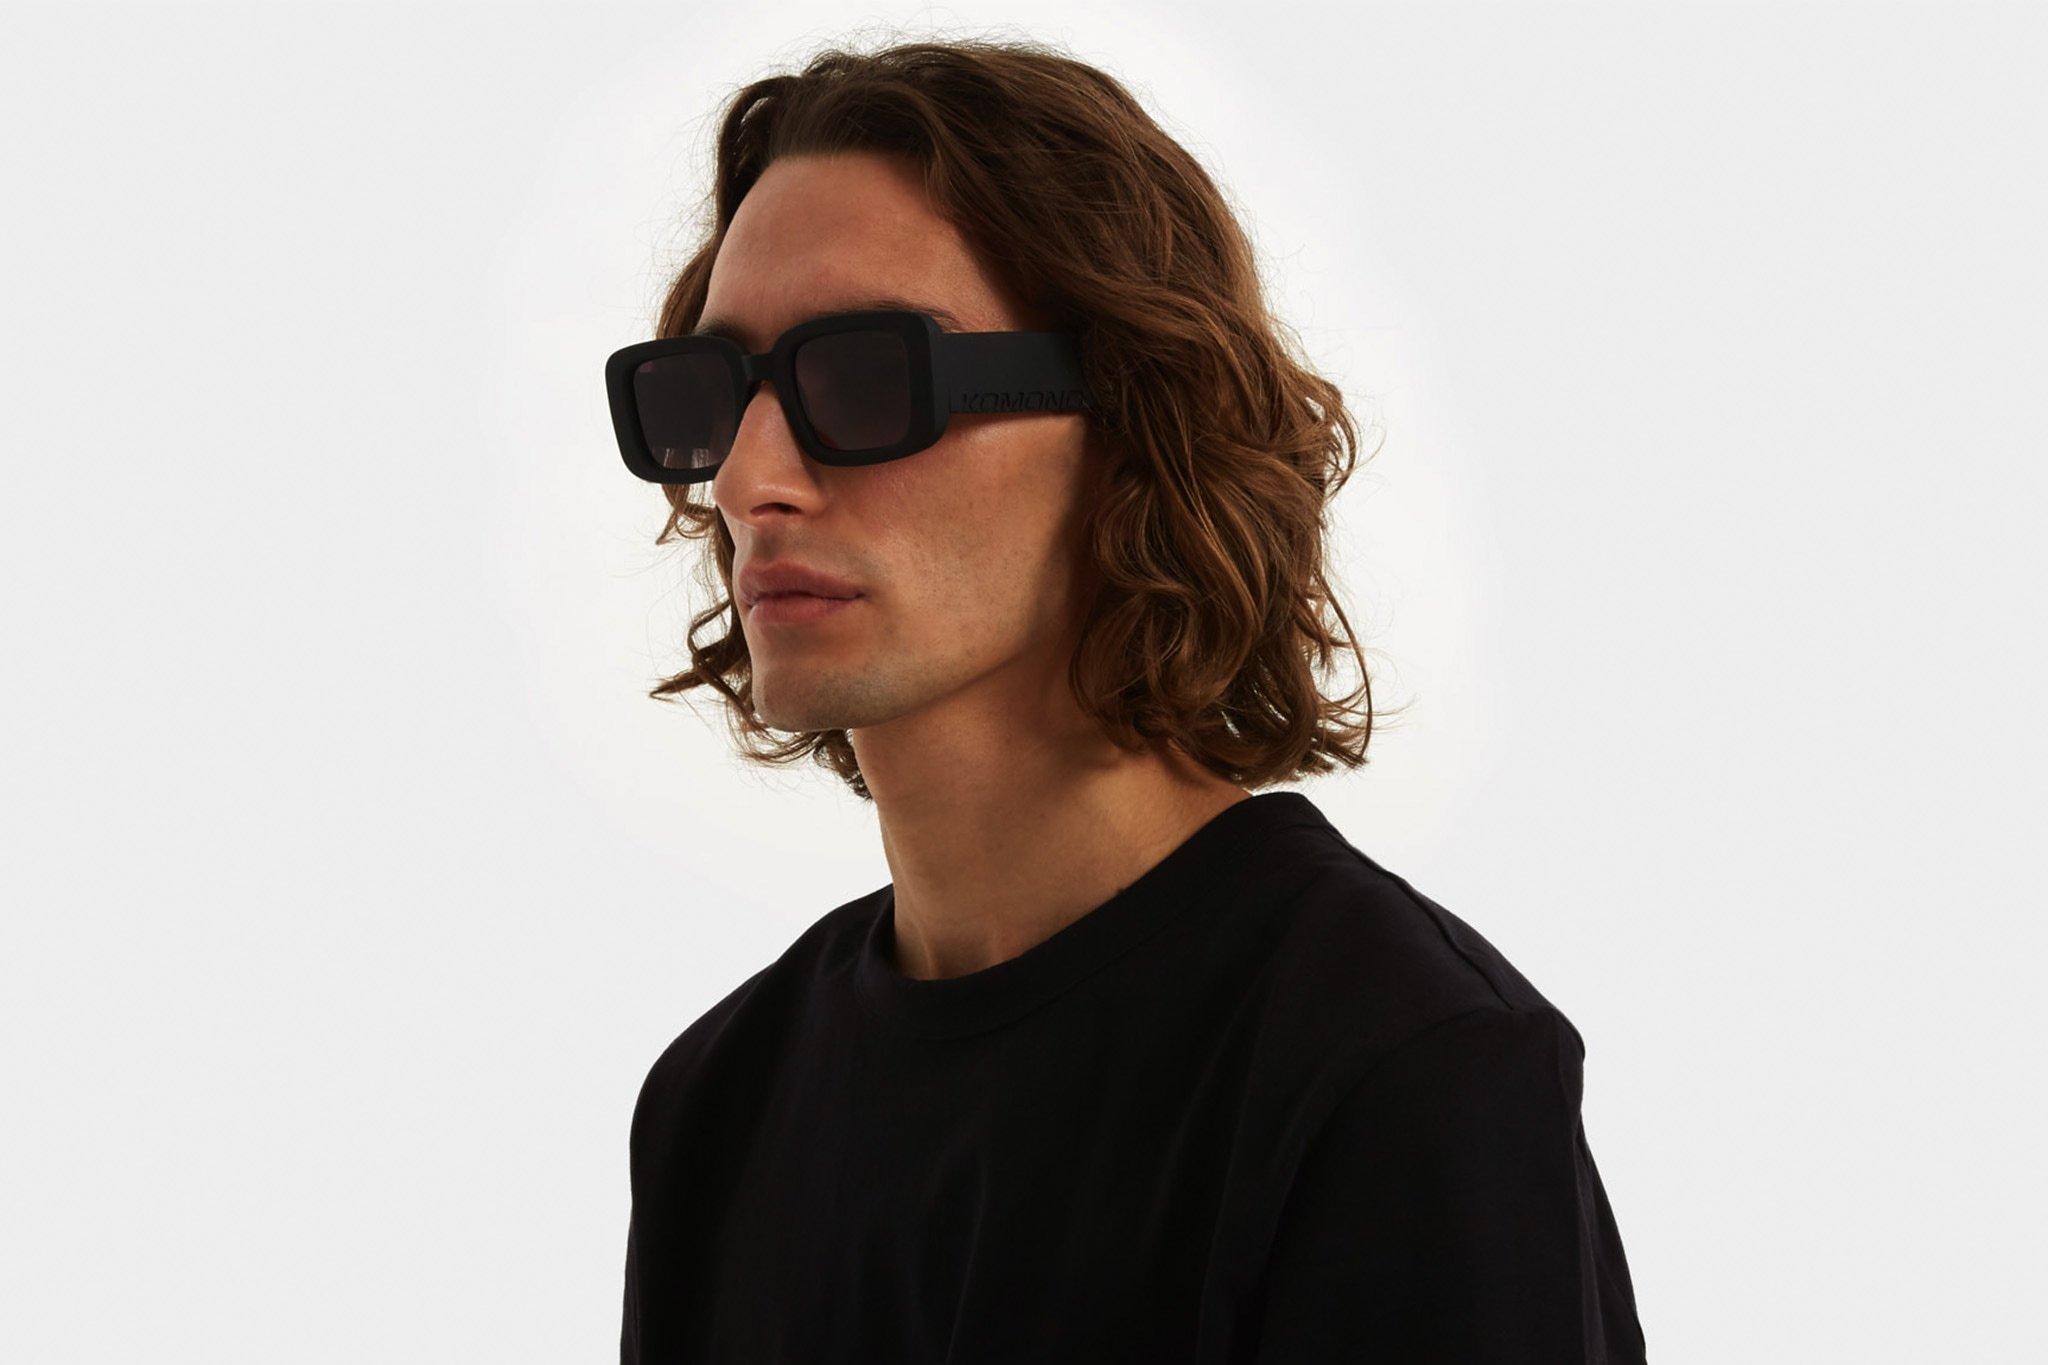 Ανδρικά και γυναικεία κοκάλινα τετράγωνα γυαλιά ηλίου Komono Avery Carbon σε μαύρο ματ σκελετό και γκρι ντεγκραντέ φακούς για όλα τα πρόσωπα.